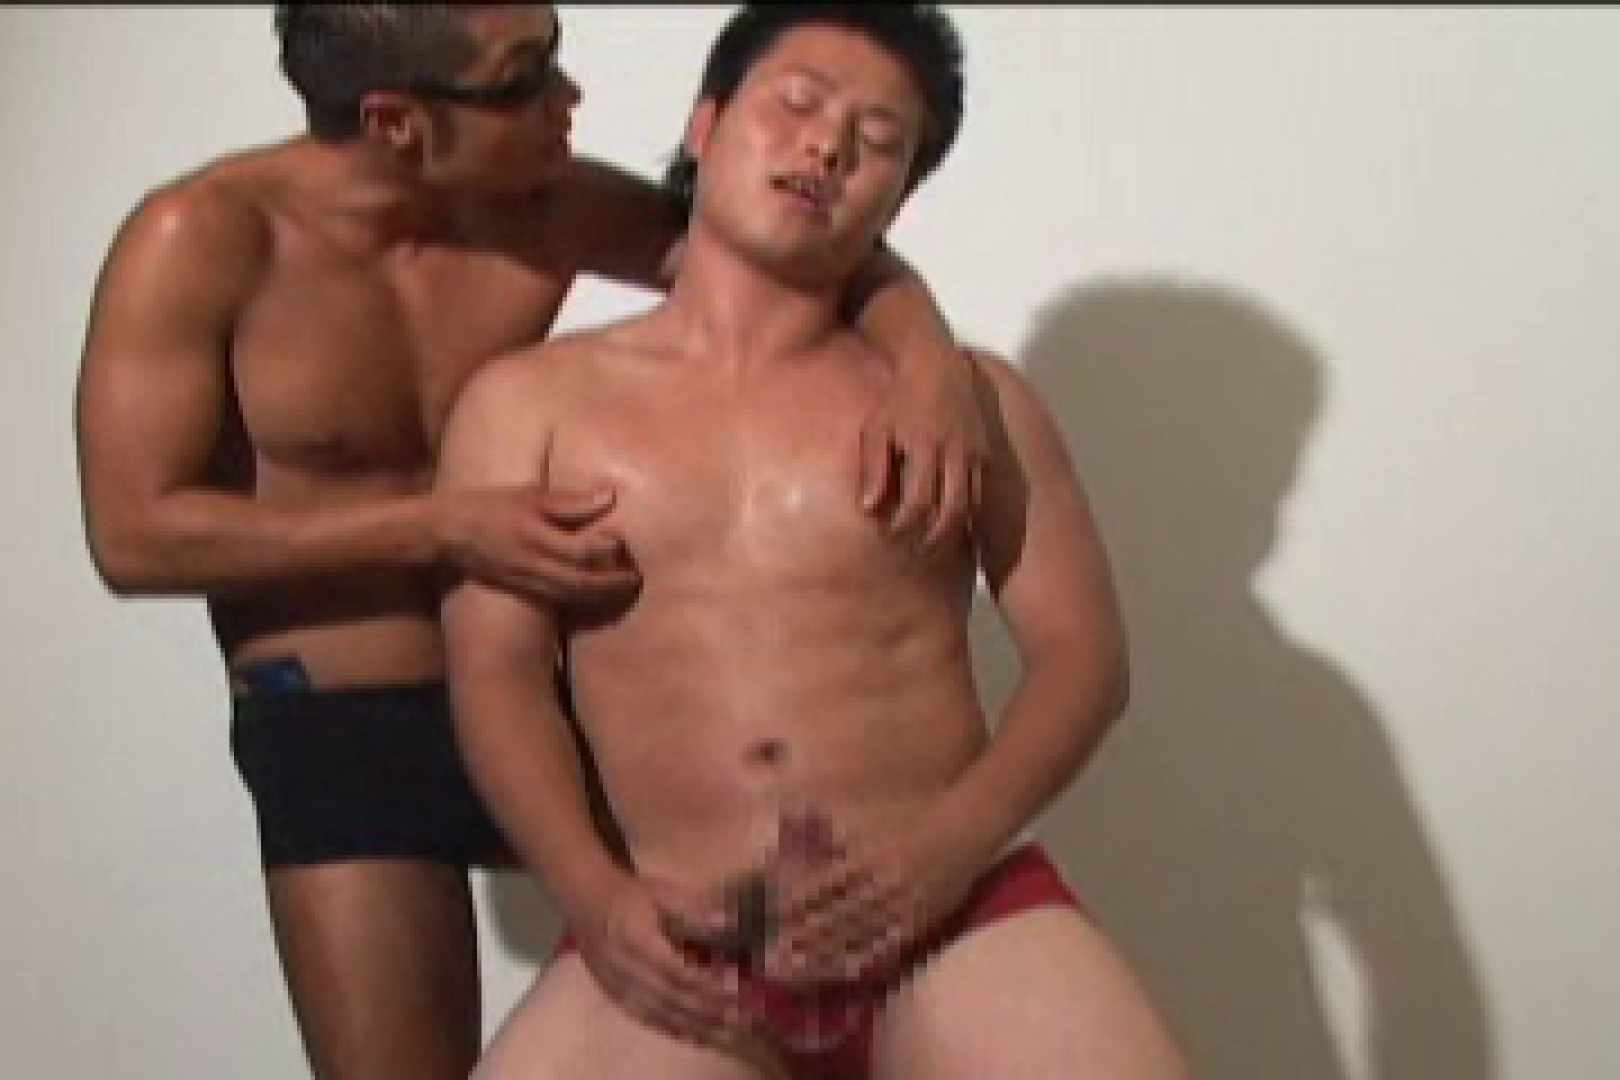 スポMENファック!!反り勃つ男根!!vol.3 アナル舐めて ゲイエロビデオ画像 113枚 58